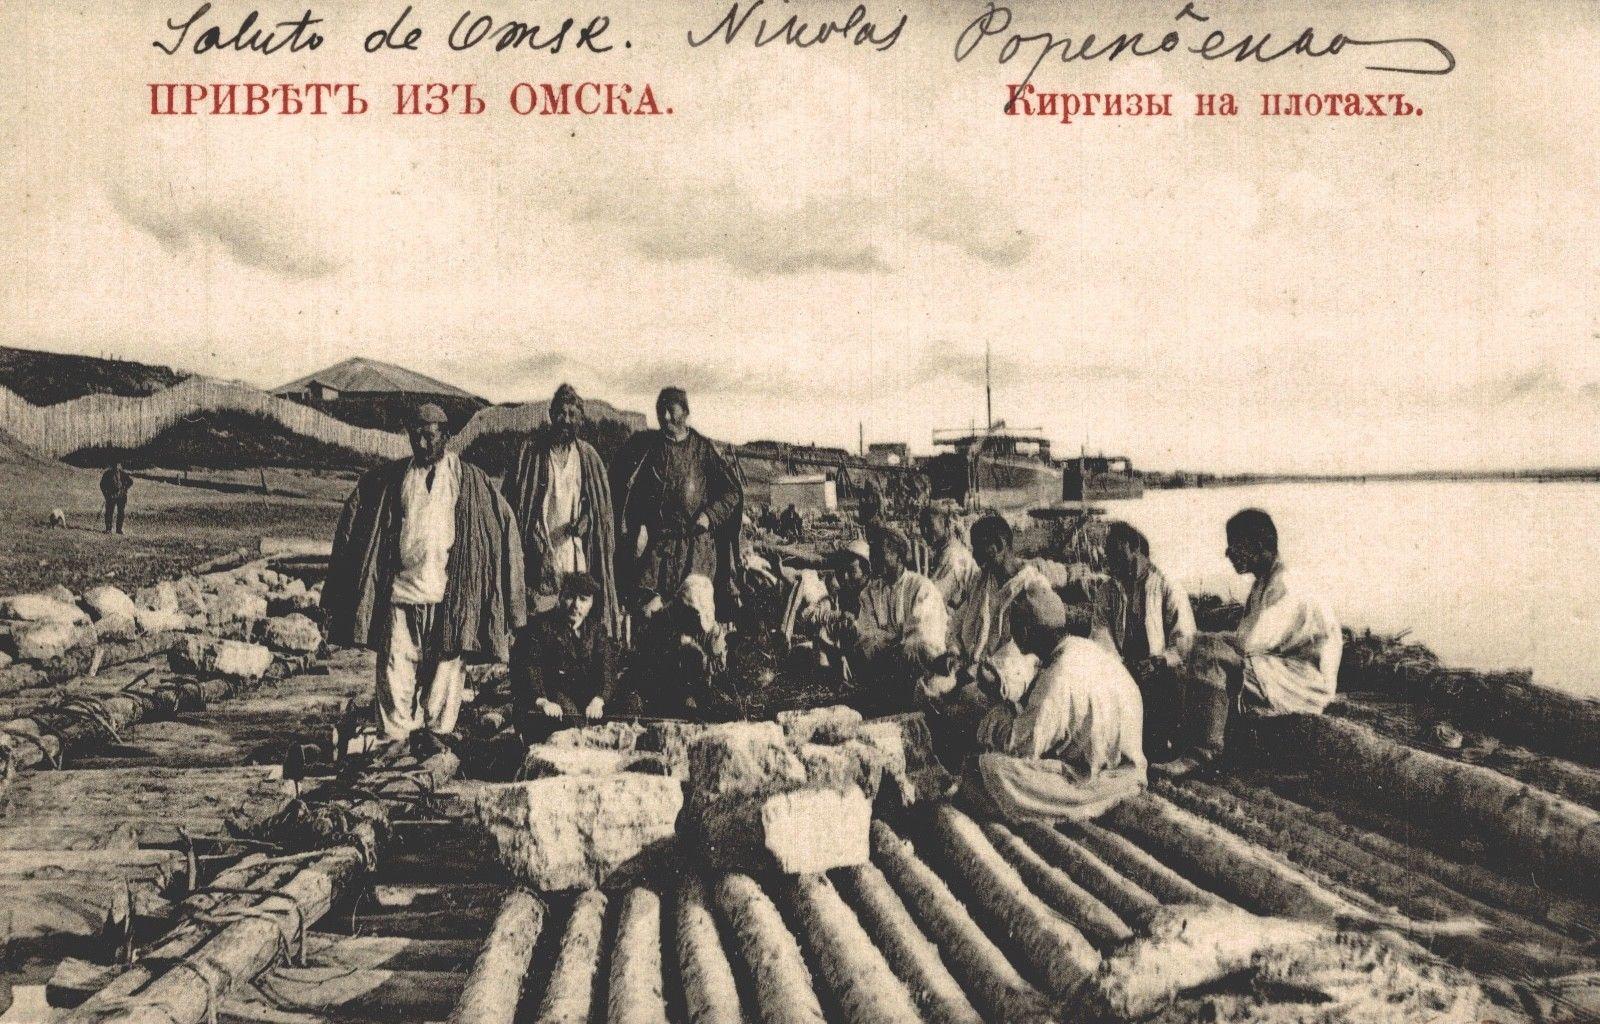 Киргизы на плотах